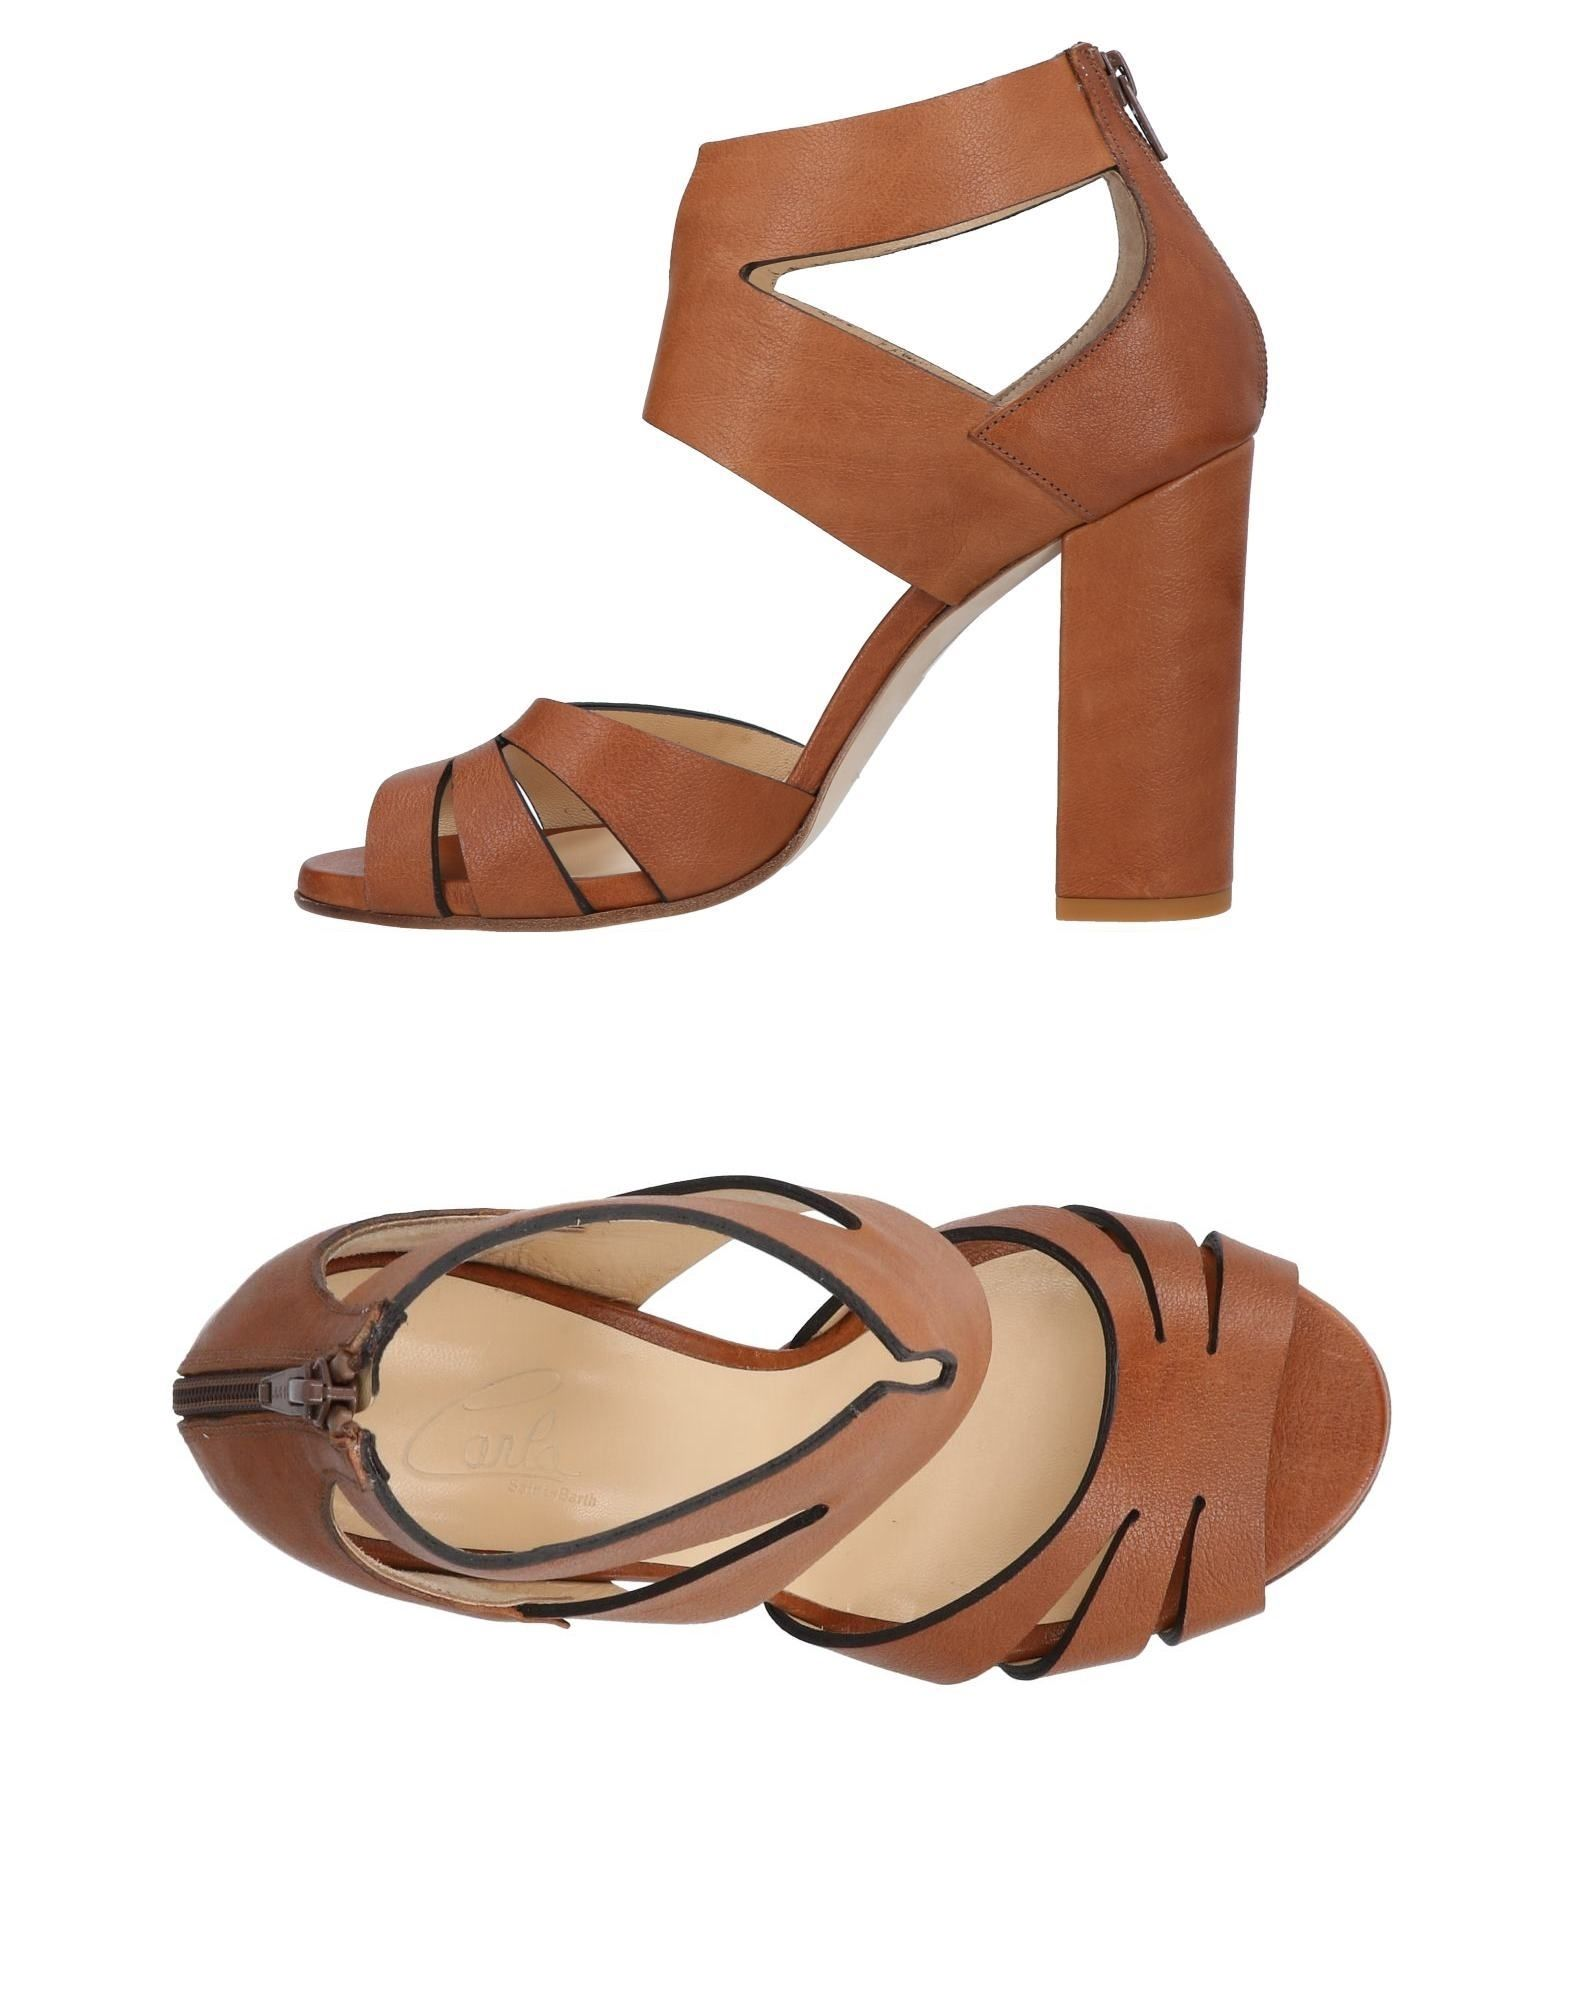 Carla Saint 11453080TV Gute Qualität beliebte Schuhe